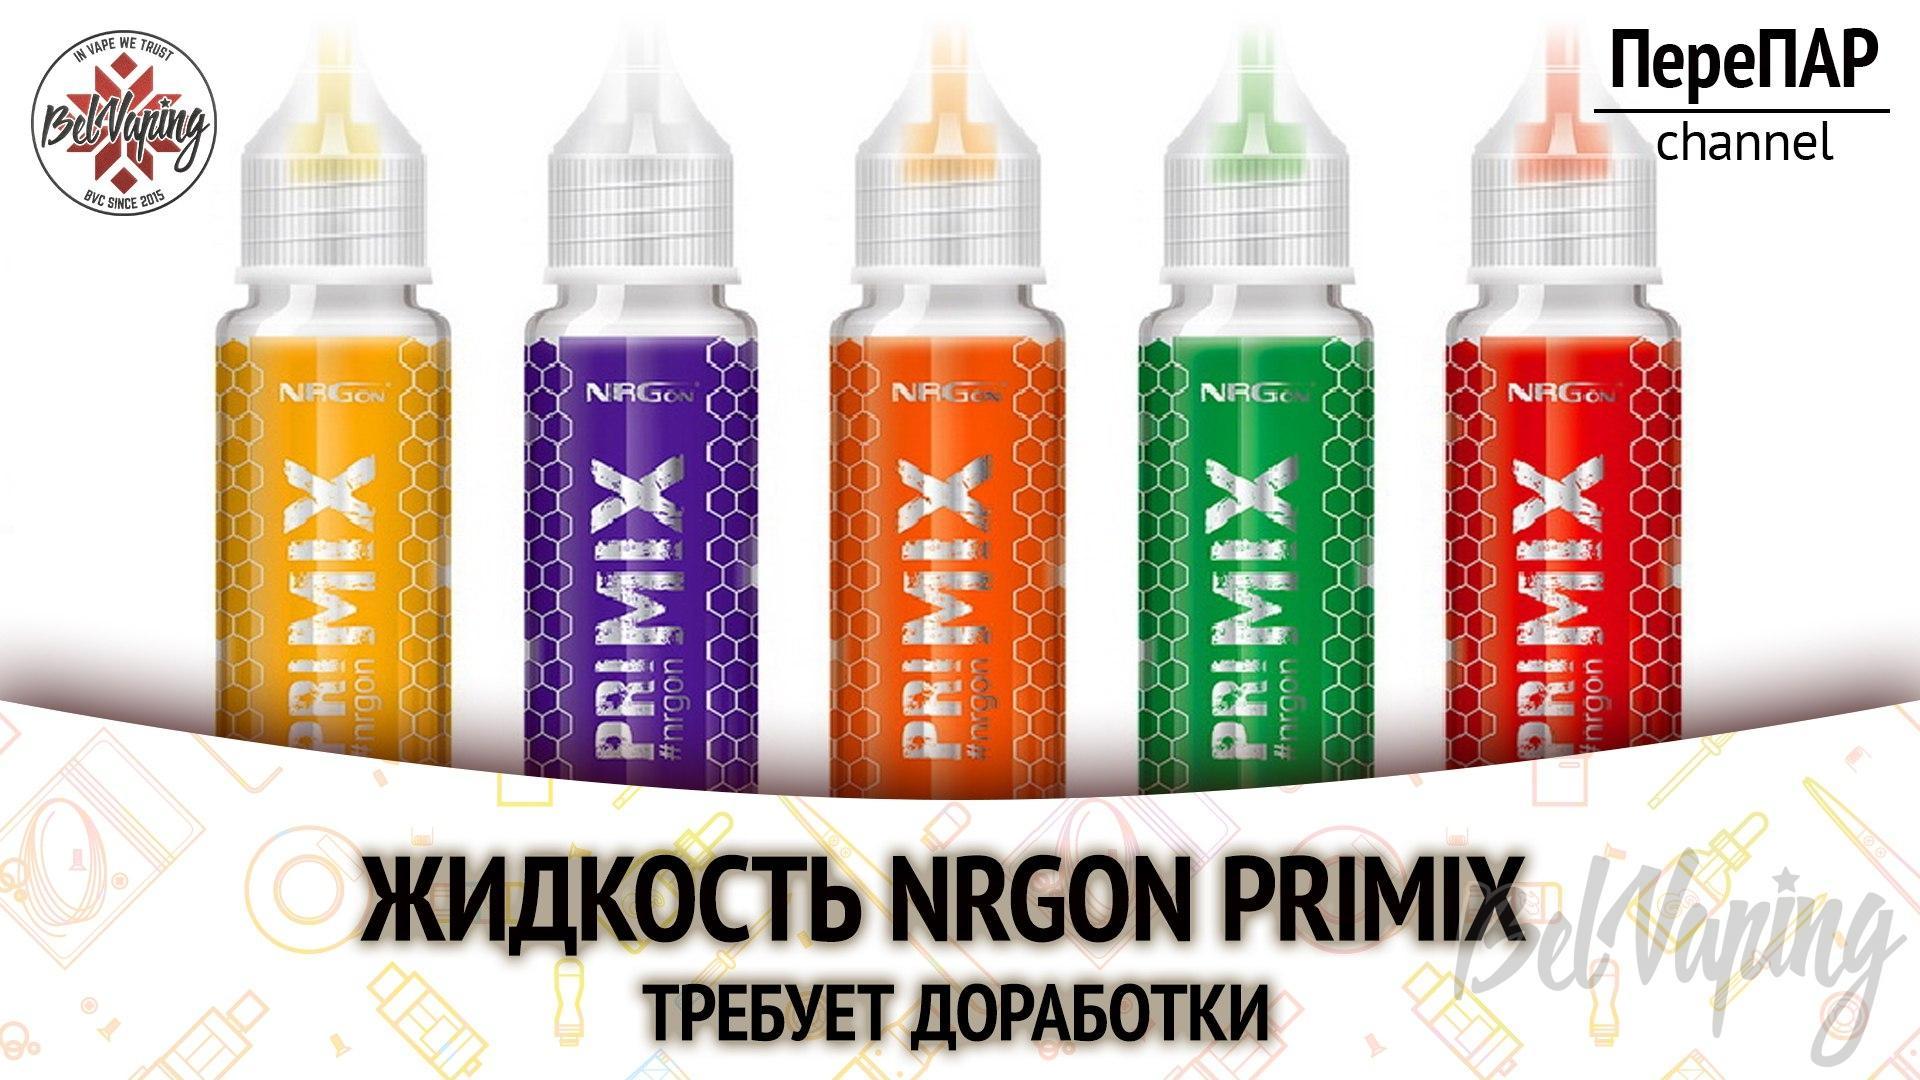 Обзор жидкости для вейпинга NRGon priMIX